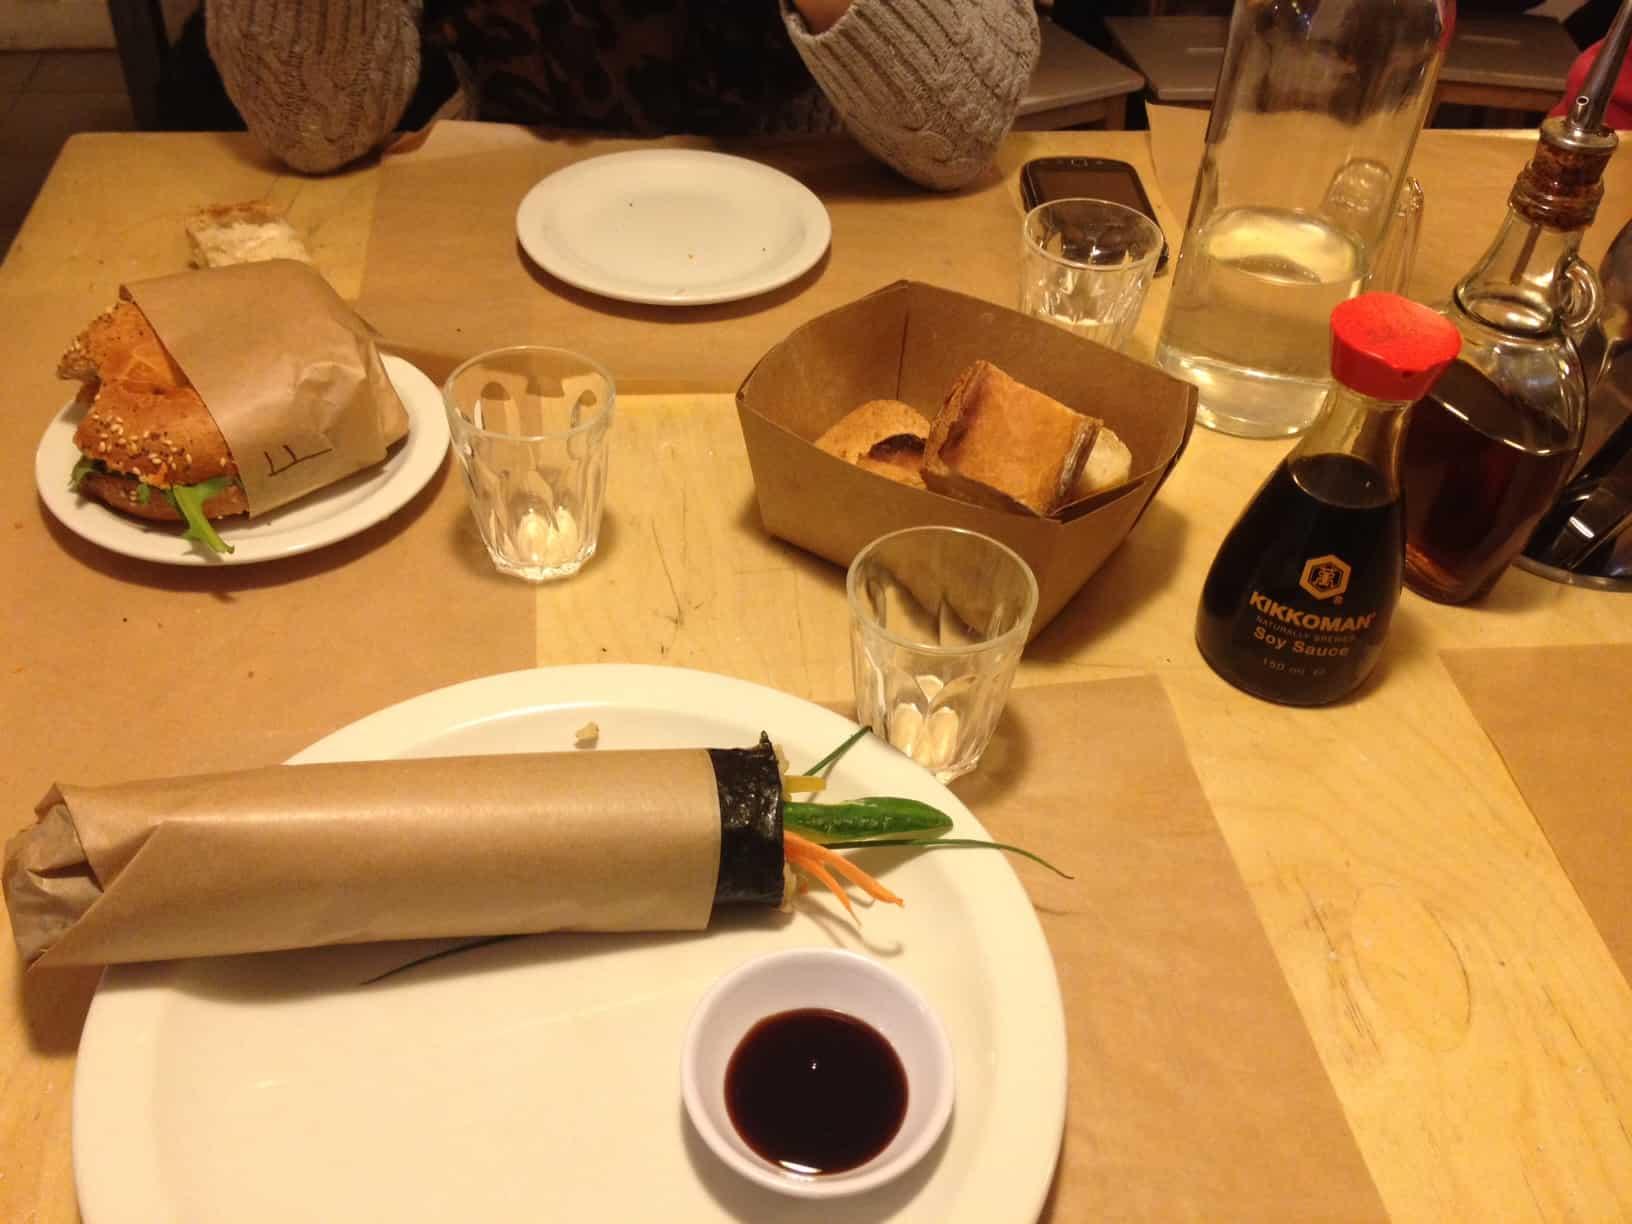 bobs-kitchen-resto-vegetarien-rue-des-gravilliers